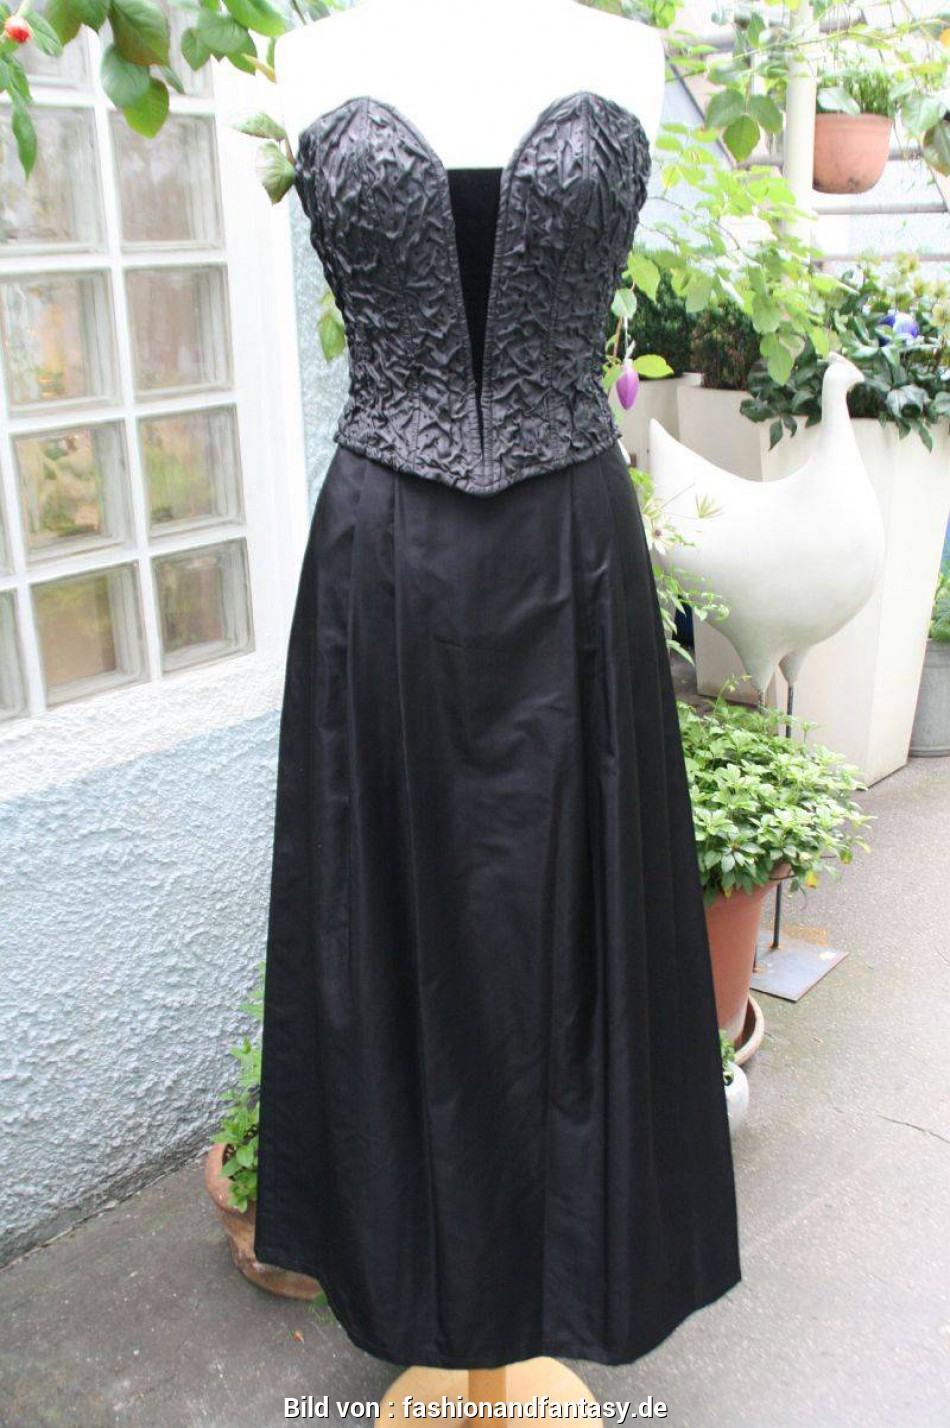 10 Großartig Gebrauchte Abend Kleider Design Großartig Gebrauchte Abend Kleider Boutique